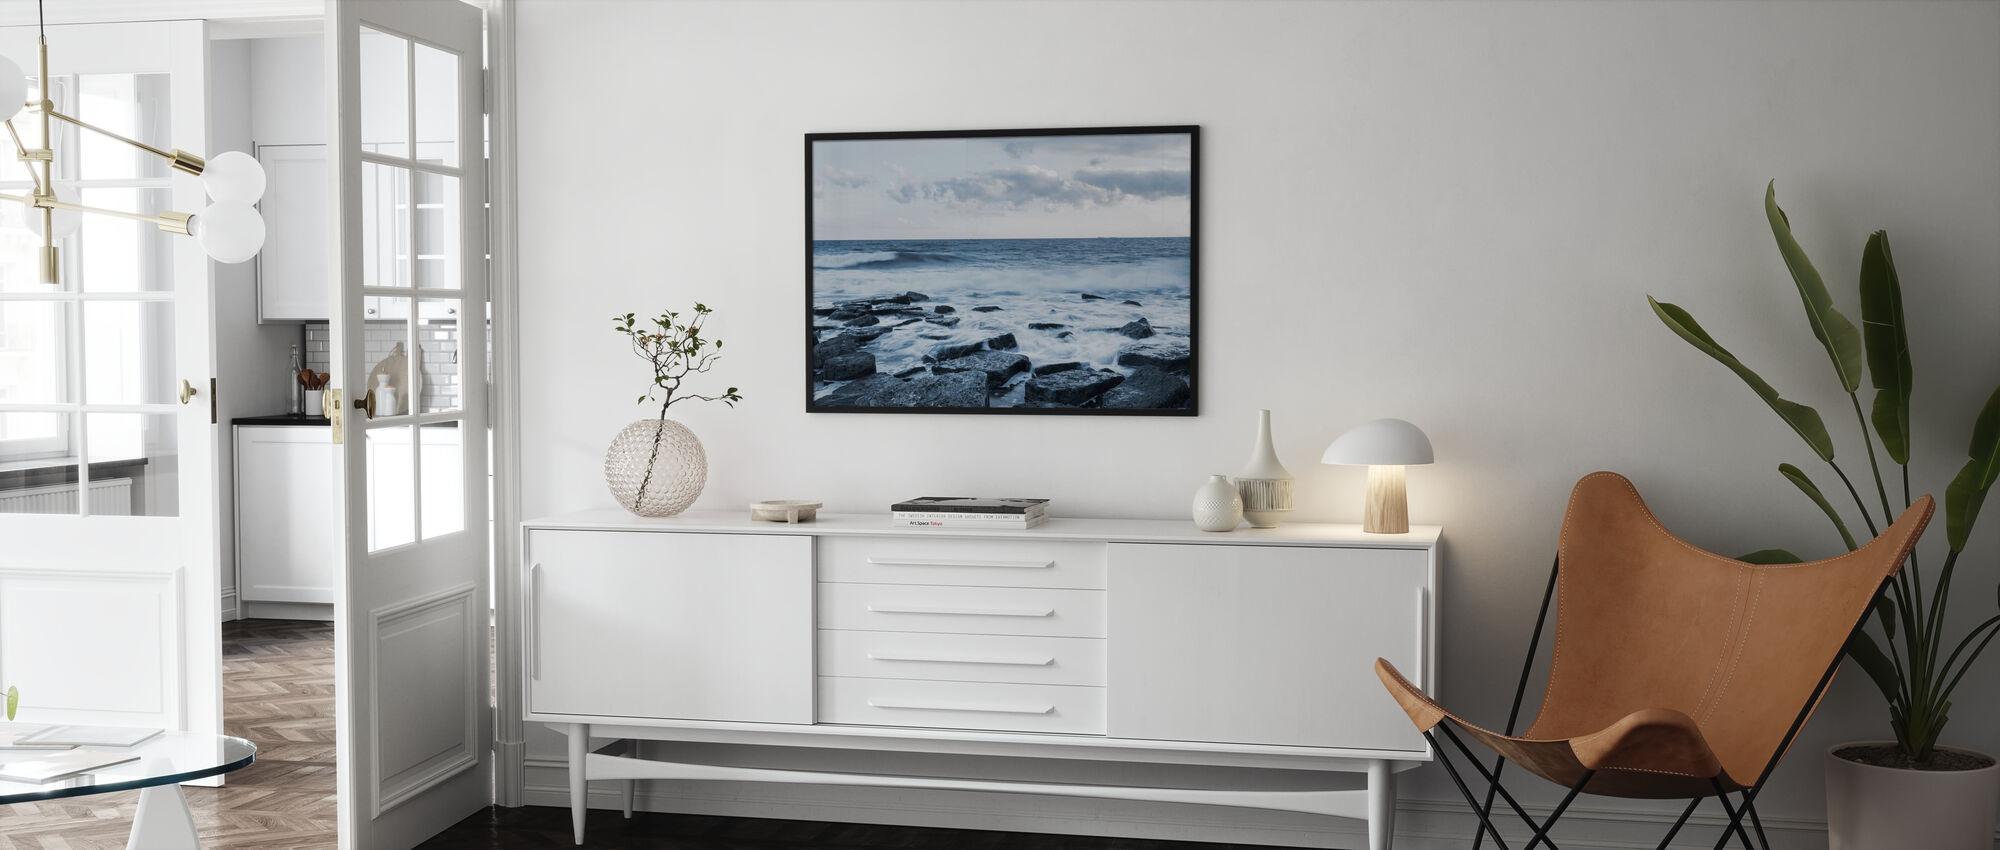 Seestücke - Poster - Wohnzimmer